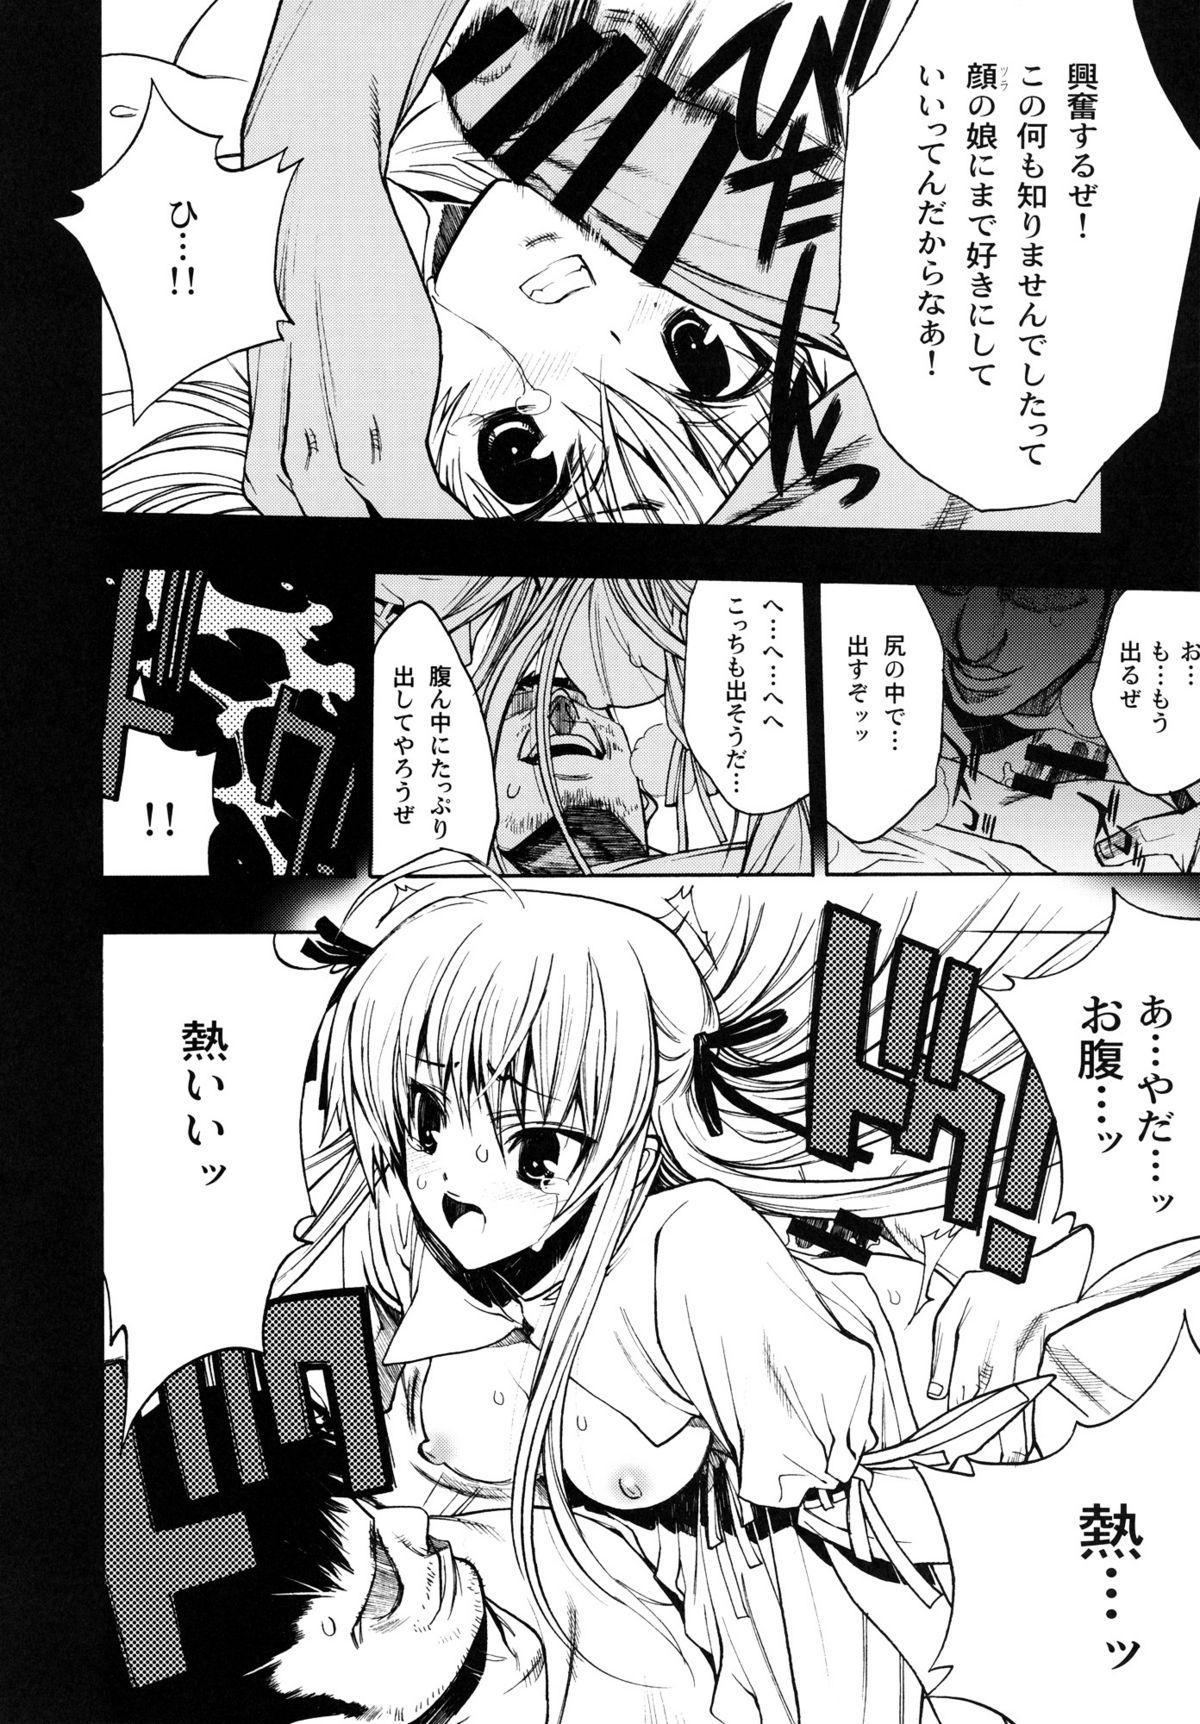 Yosuka no Yoru 6